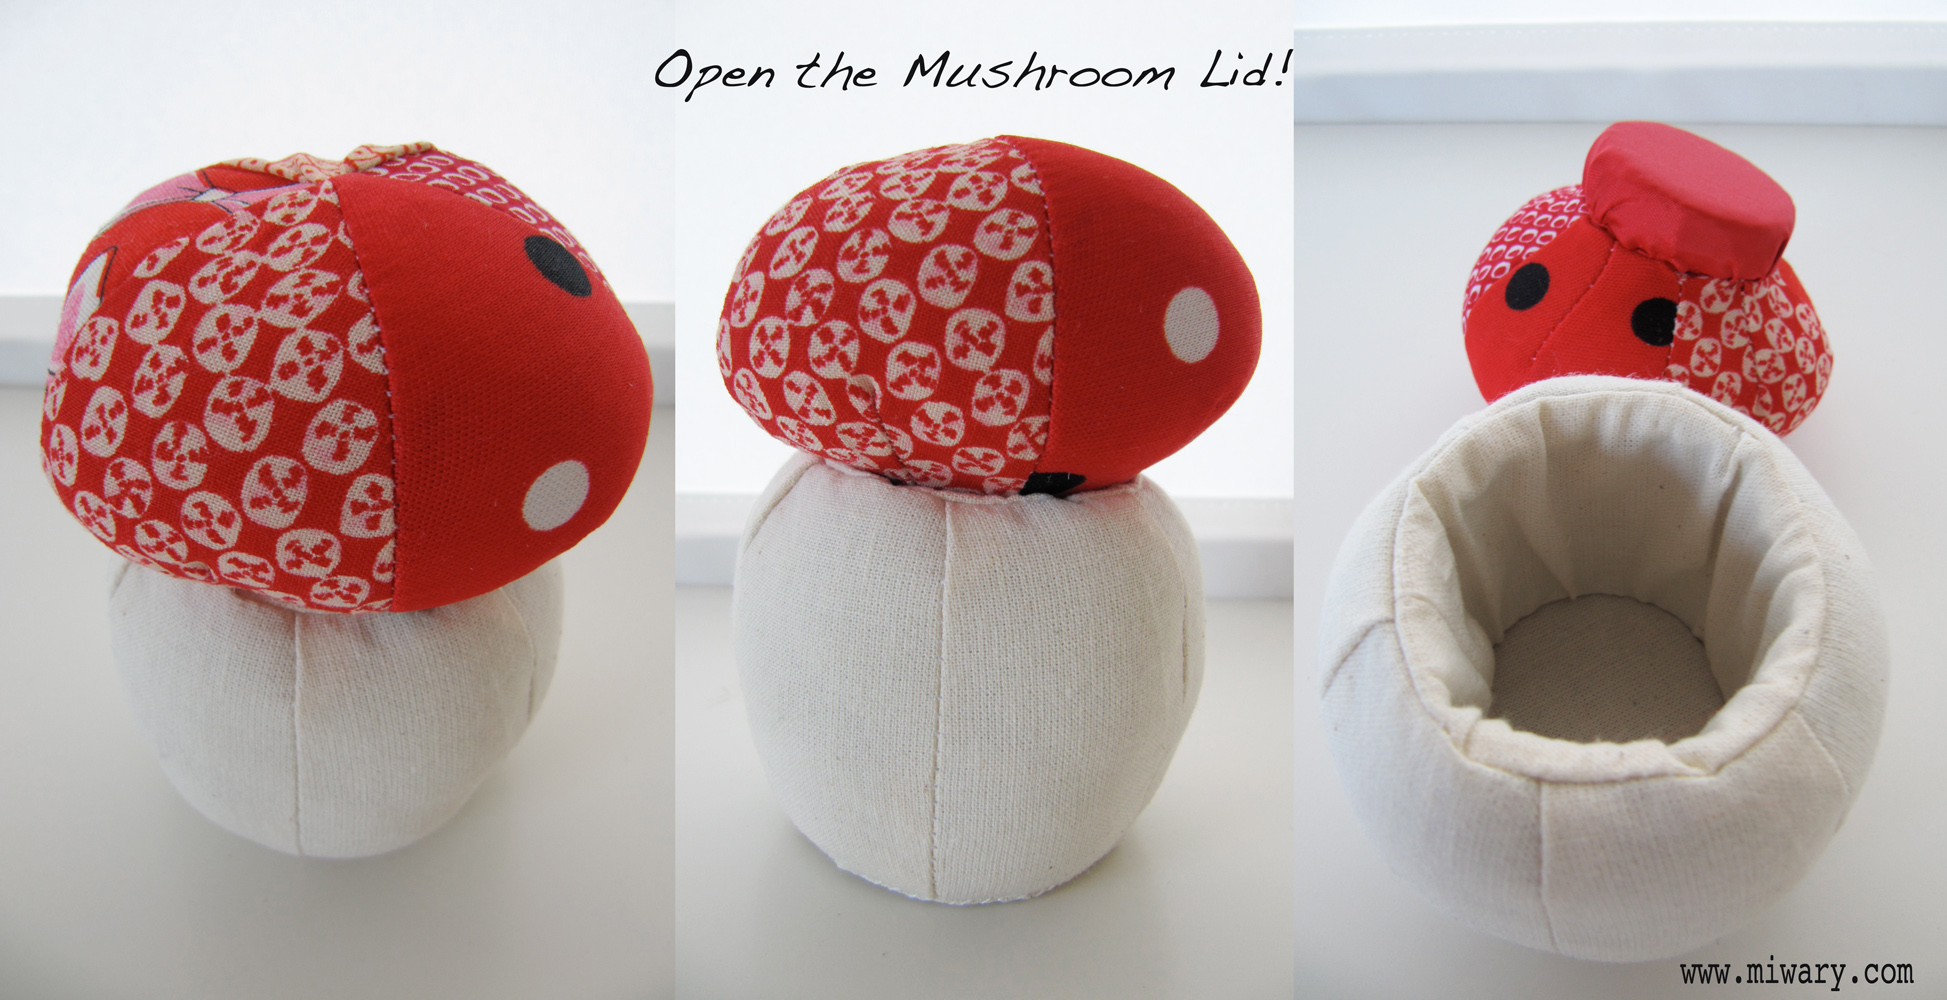 Mushroom Lid Case